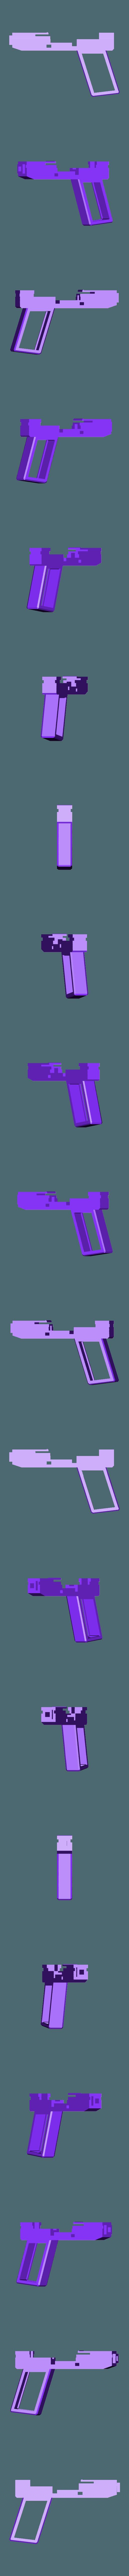 OfficeGun_lower.stl Télécharger fichier STL gratuit glock/gun/pistol • Modèle à imprimer en 3D, billy-and-co